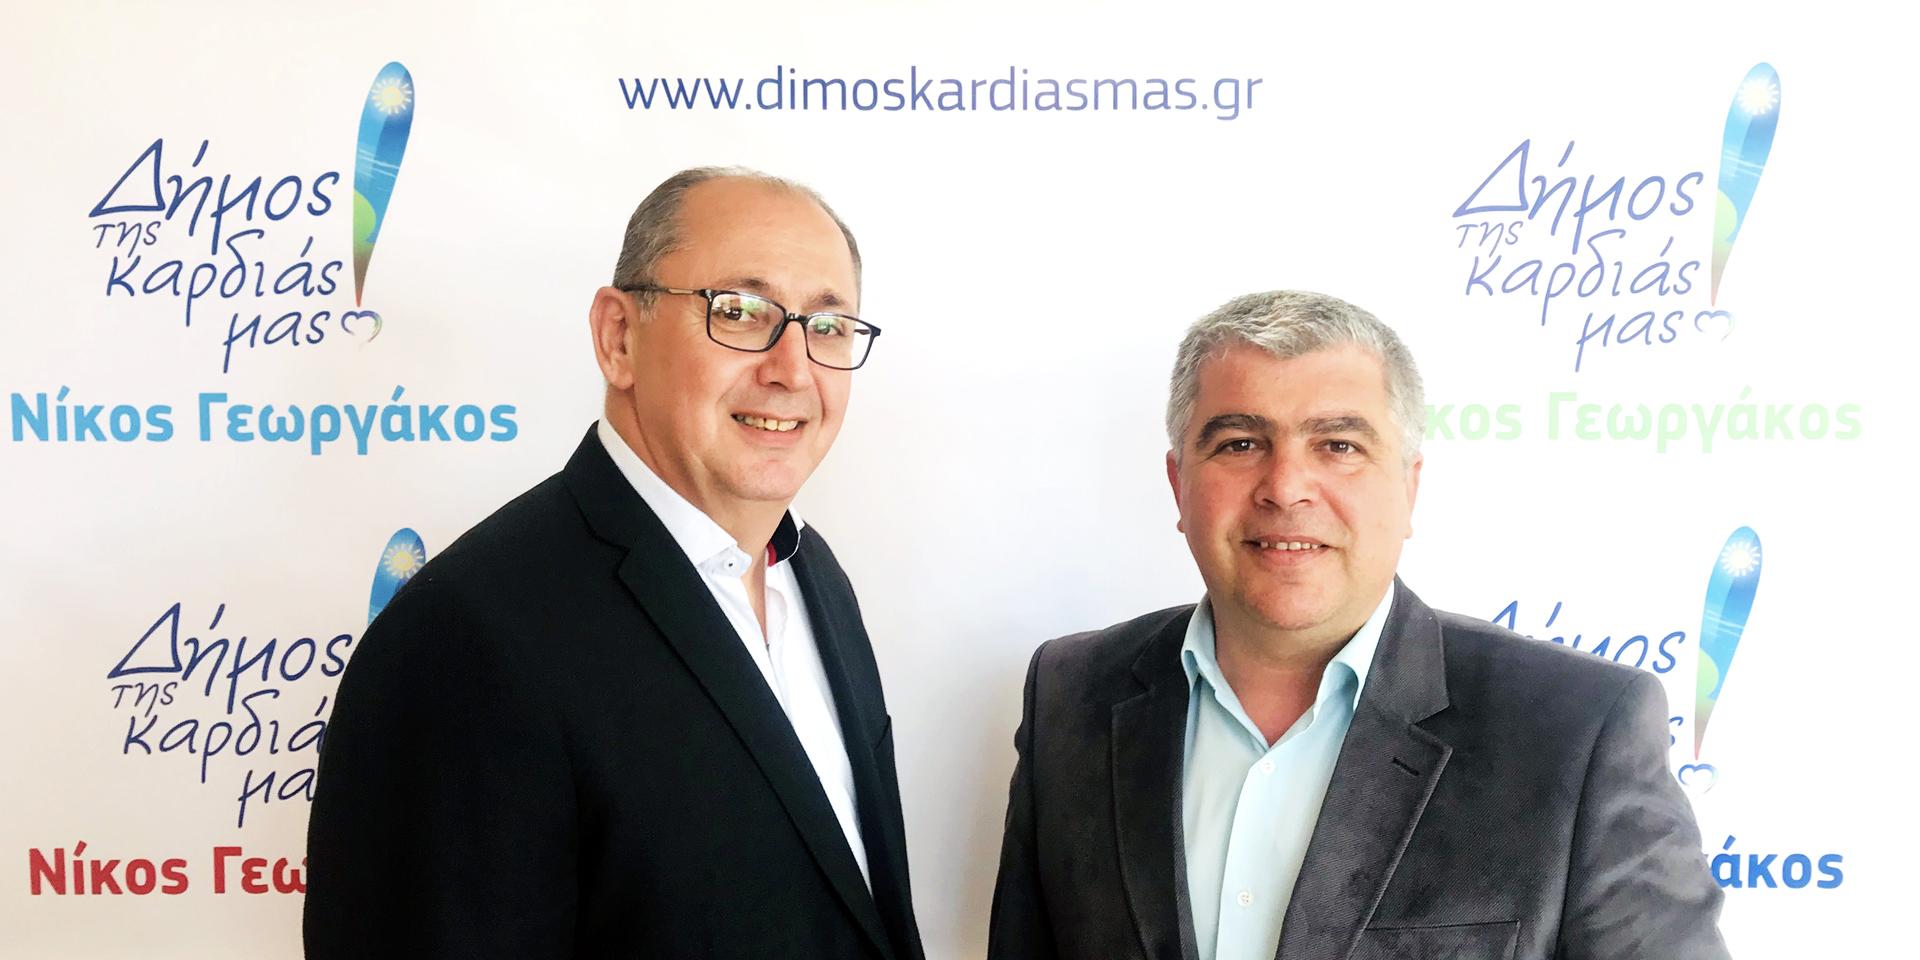 ΔΕΛΤΙΟ ΤΥΠΟΥ :  Το έμπειρο αυτοδιοικητικό στέλεχος Γιώργος Σαριάνογλου στο συνδυασμό του Νίκου Γεωργάκου «ΔΗΜΟΣ ΤΗΣ ΚΑΡΔΙΑΣ ΜΑΣ!»